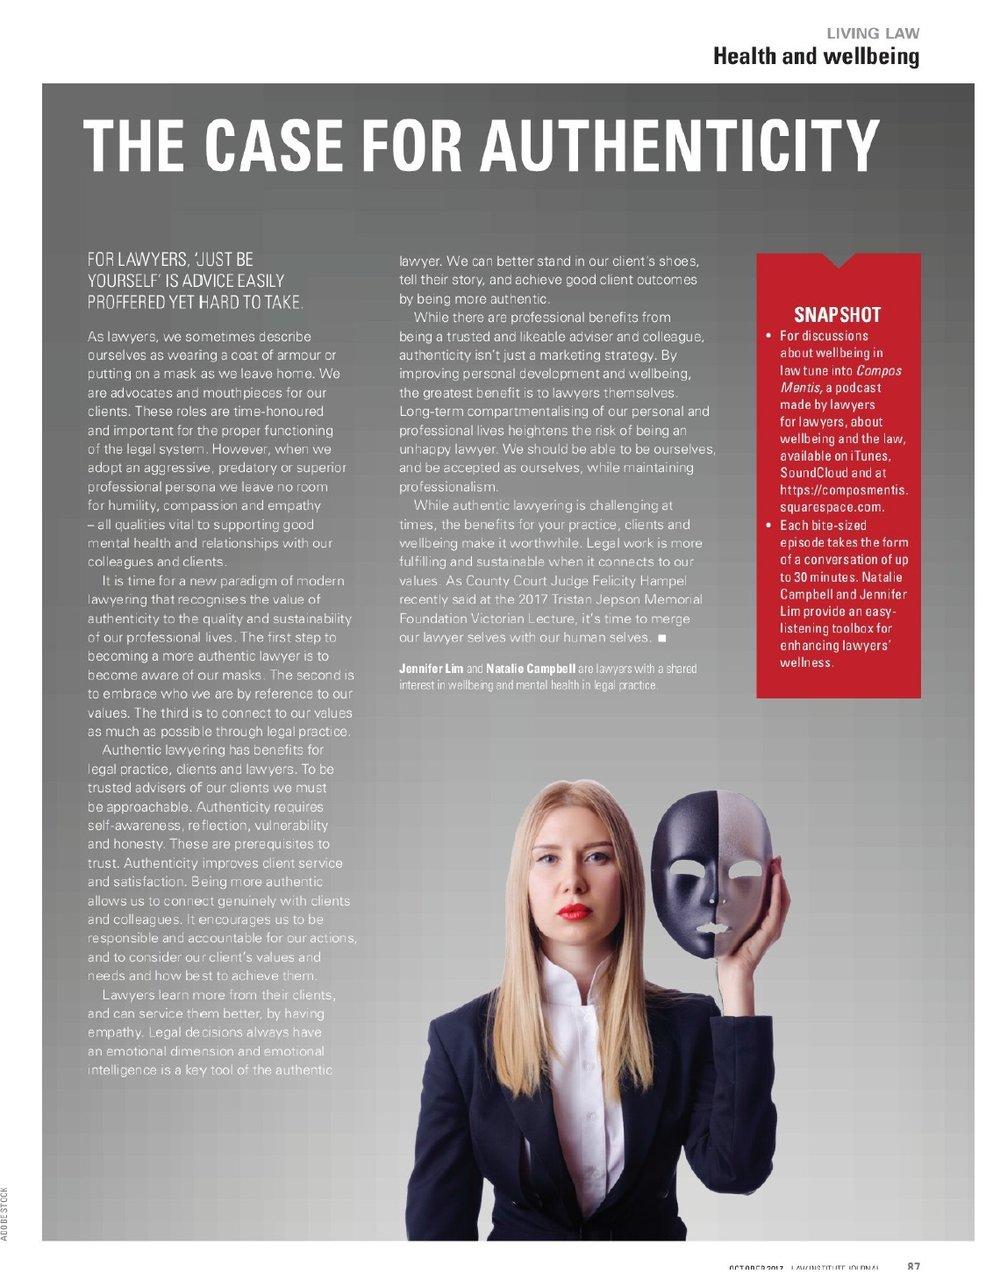 Authenticity LIV article grab.jpeg